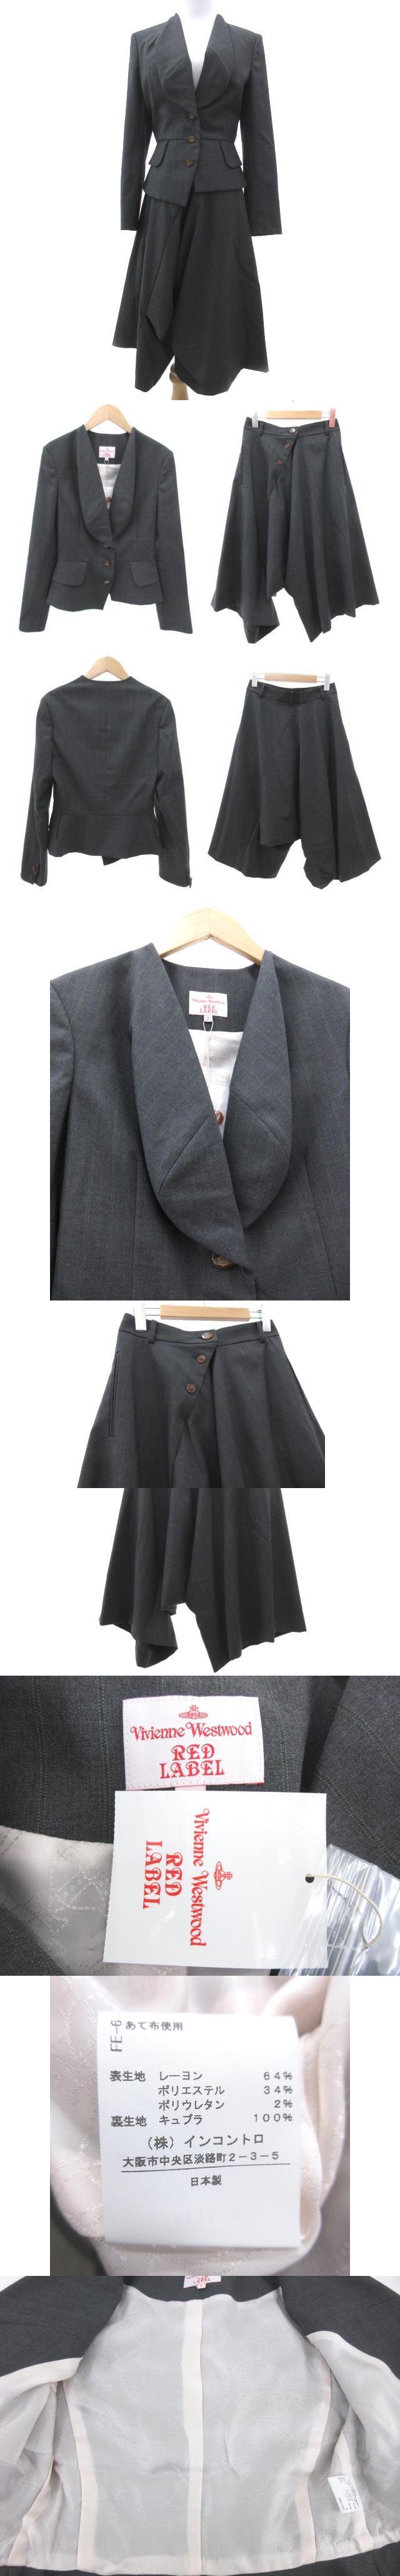 セットアップ ジャケット サルエル 変形 パンツ スーツ 2 グレー S9276